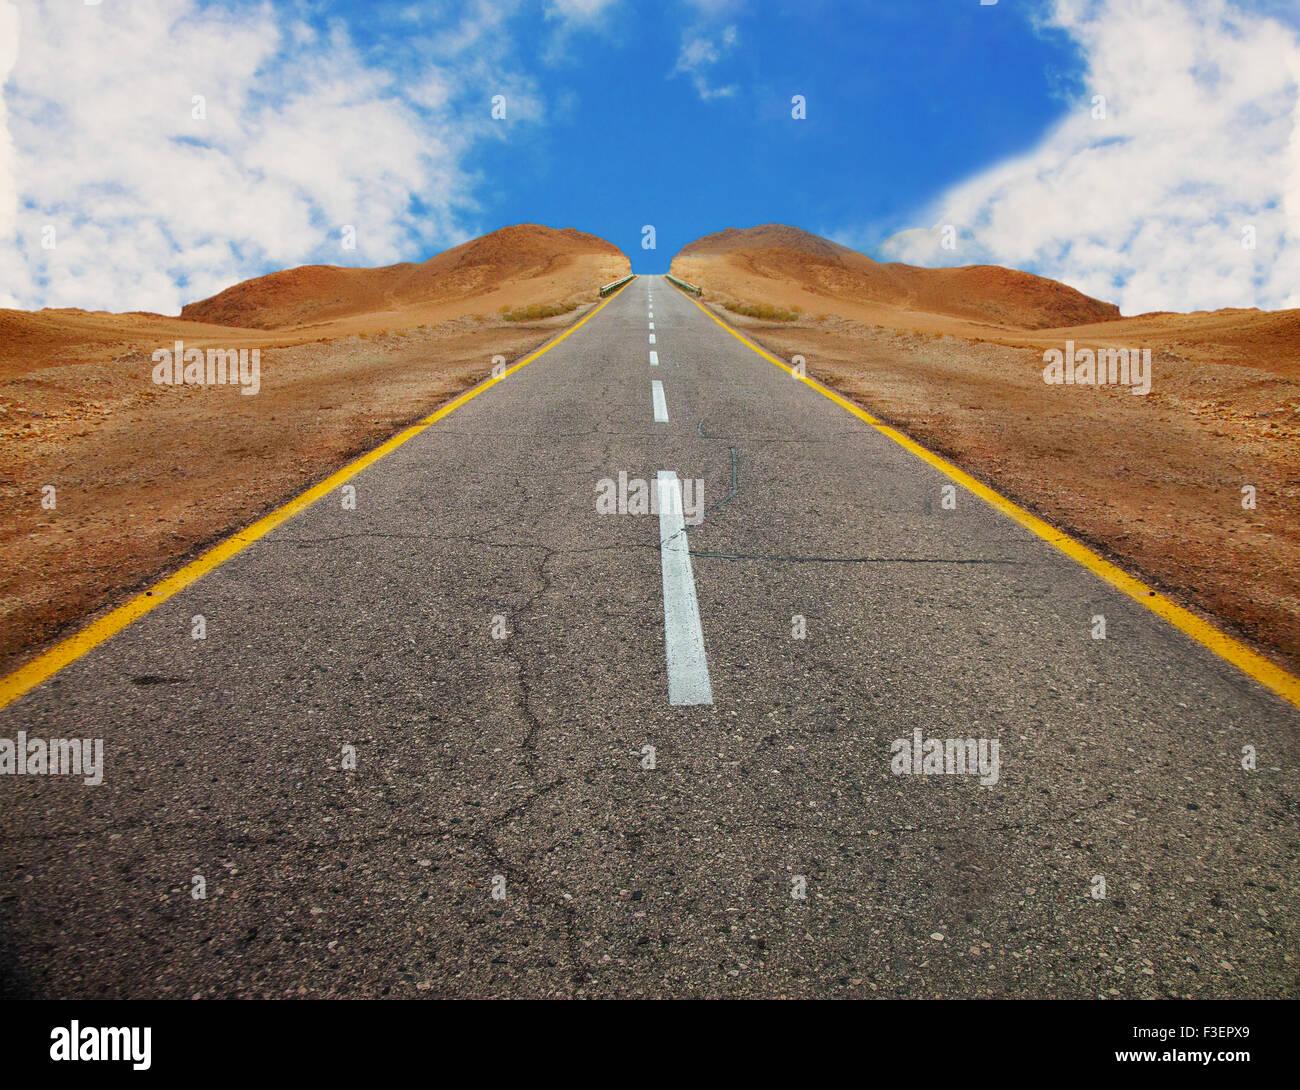 Un fragmento de la vieja carretera de asfalto entre colinas desérticas con laderas simétricas antes del Imagen De Stock